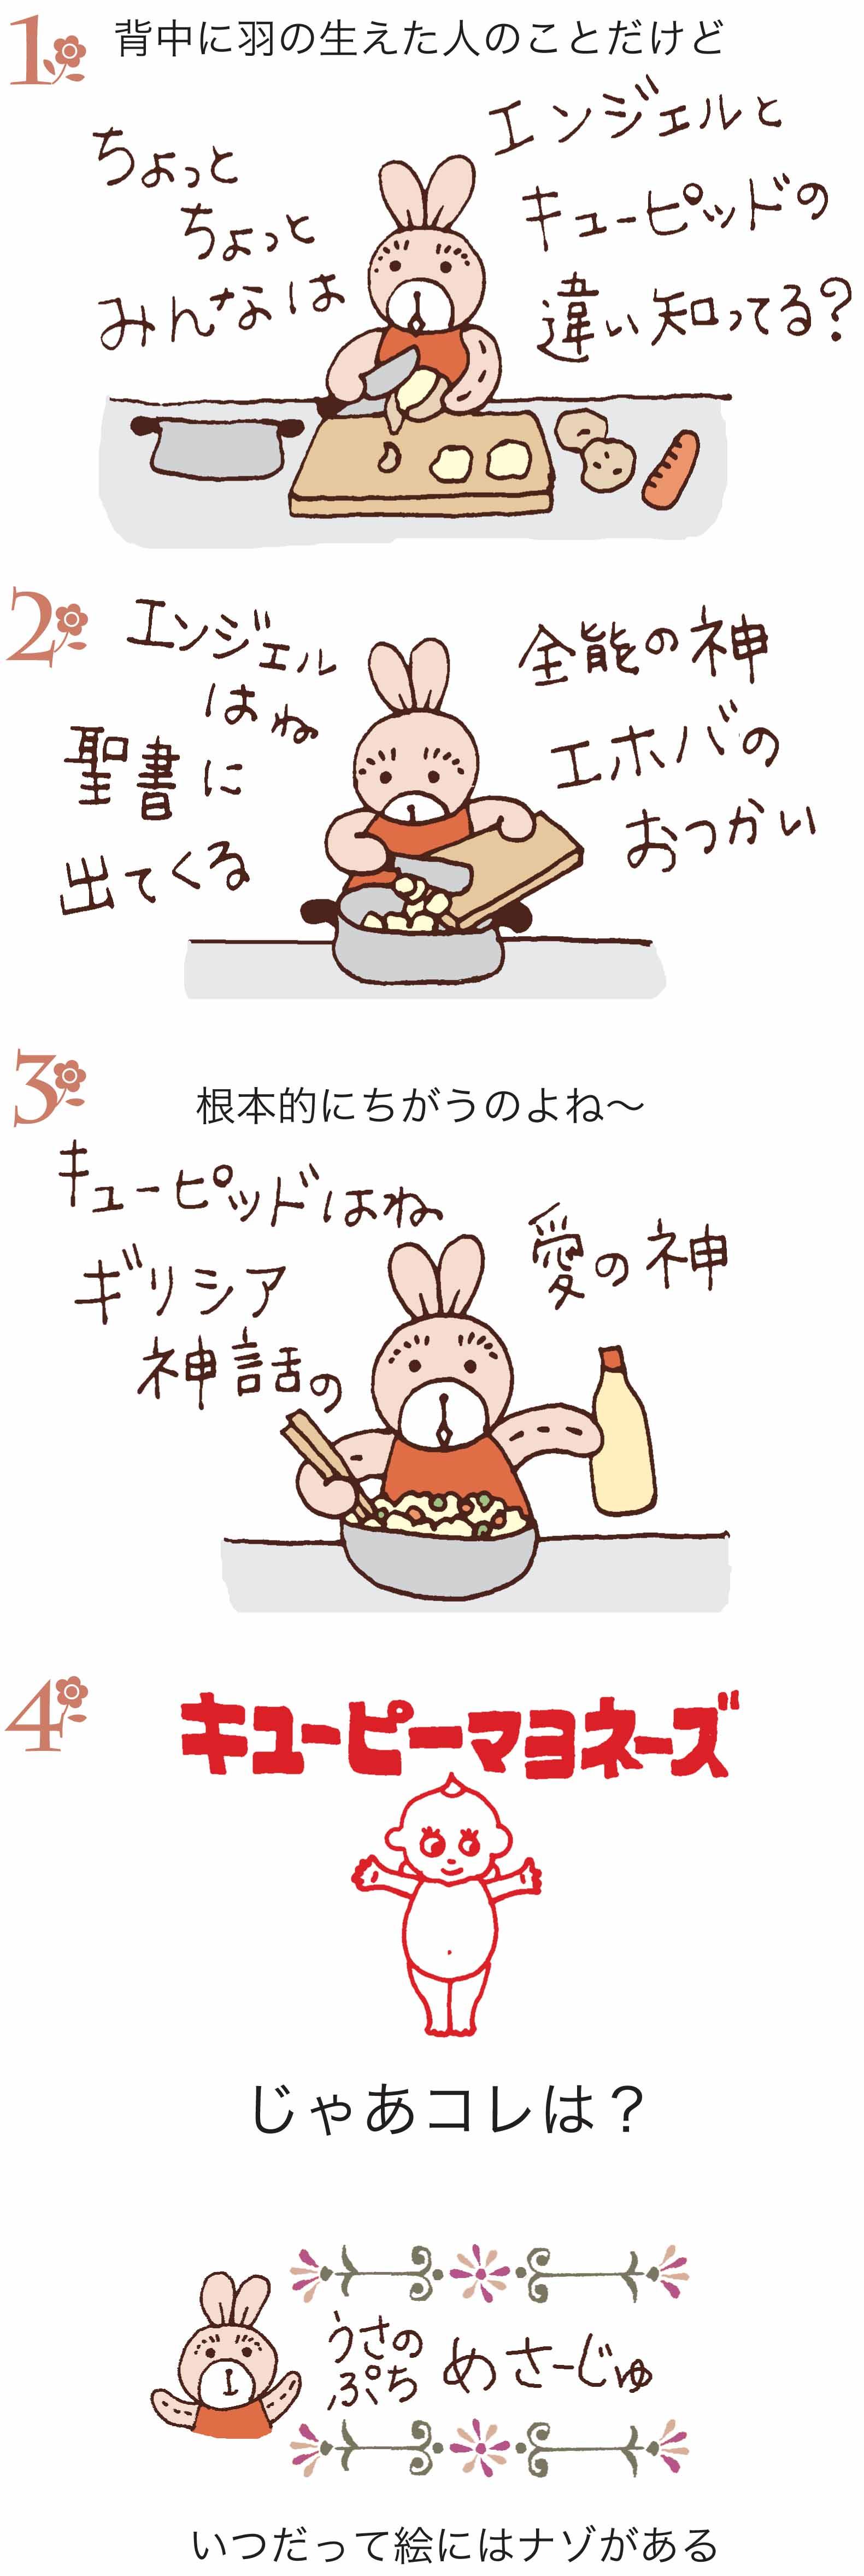 14.11.15絵画をめぐるナゾ